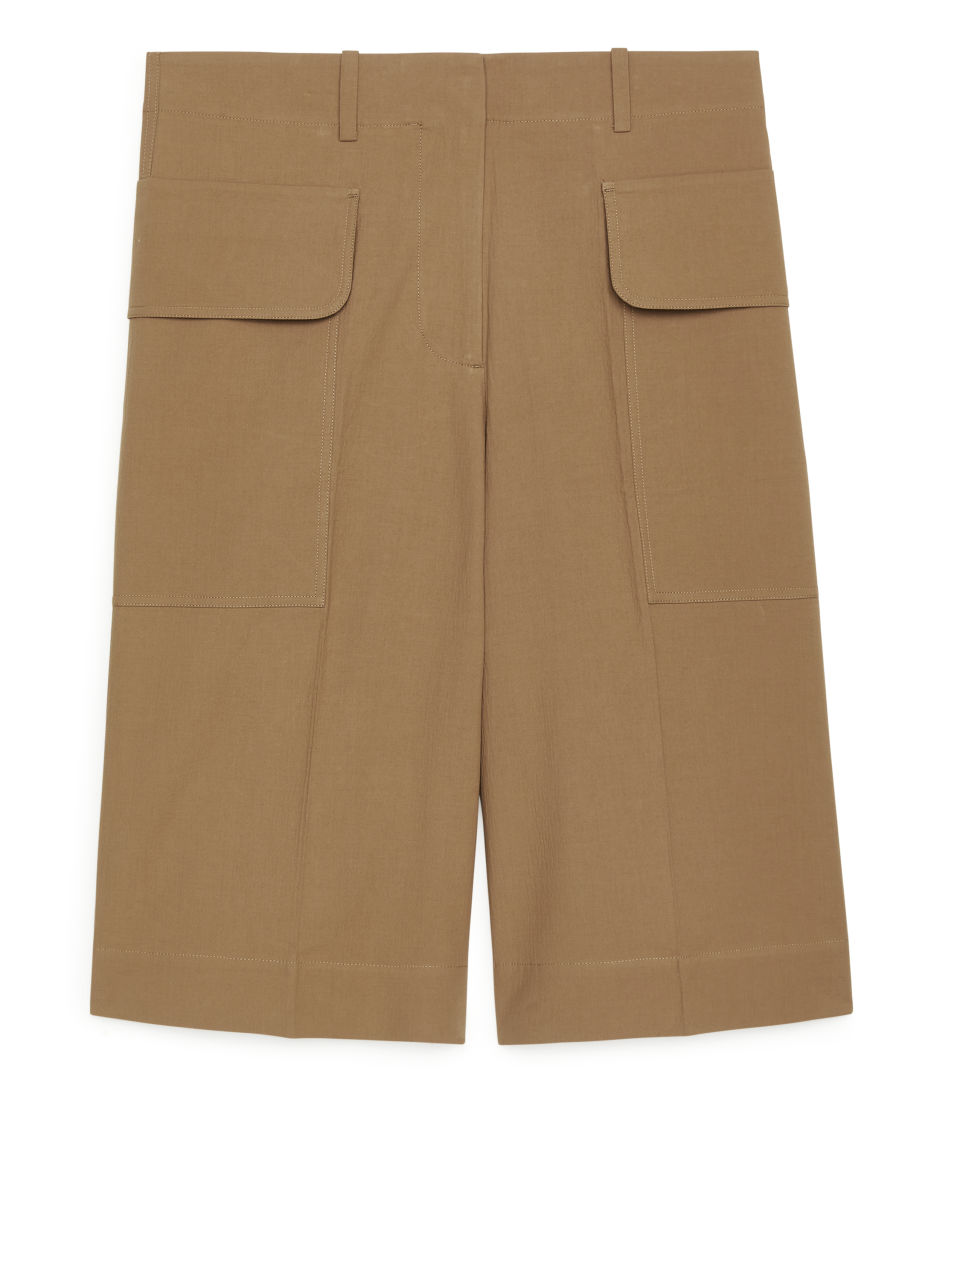 Utility Shorts - Beige